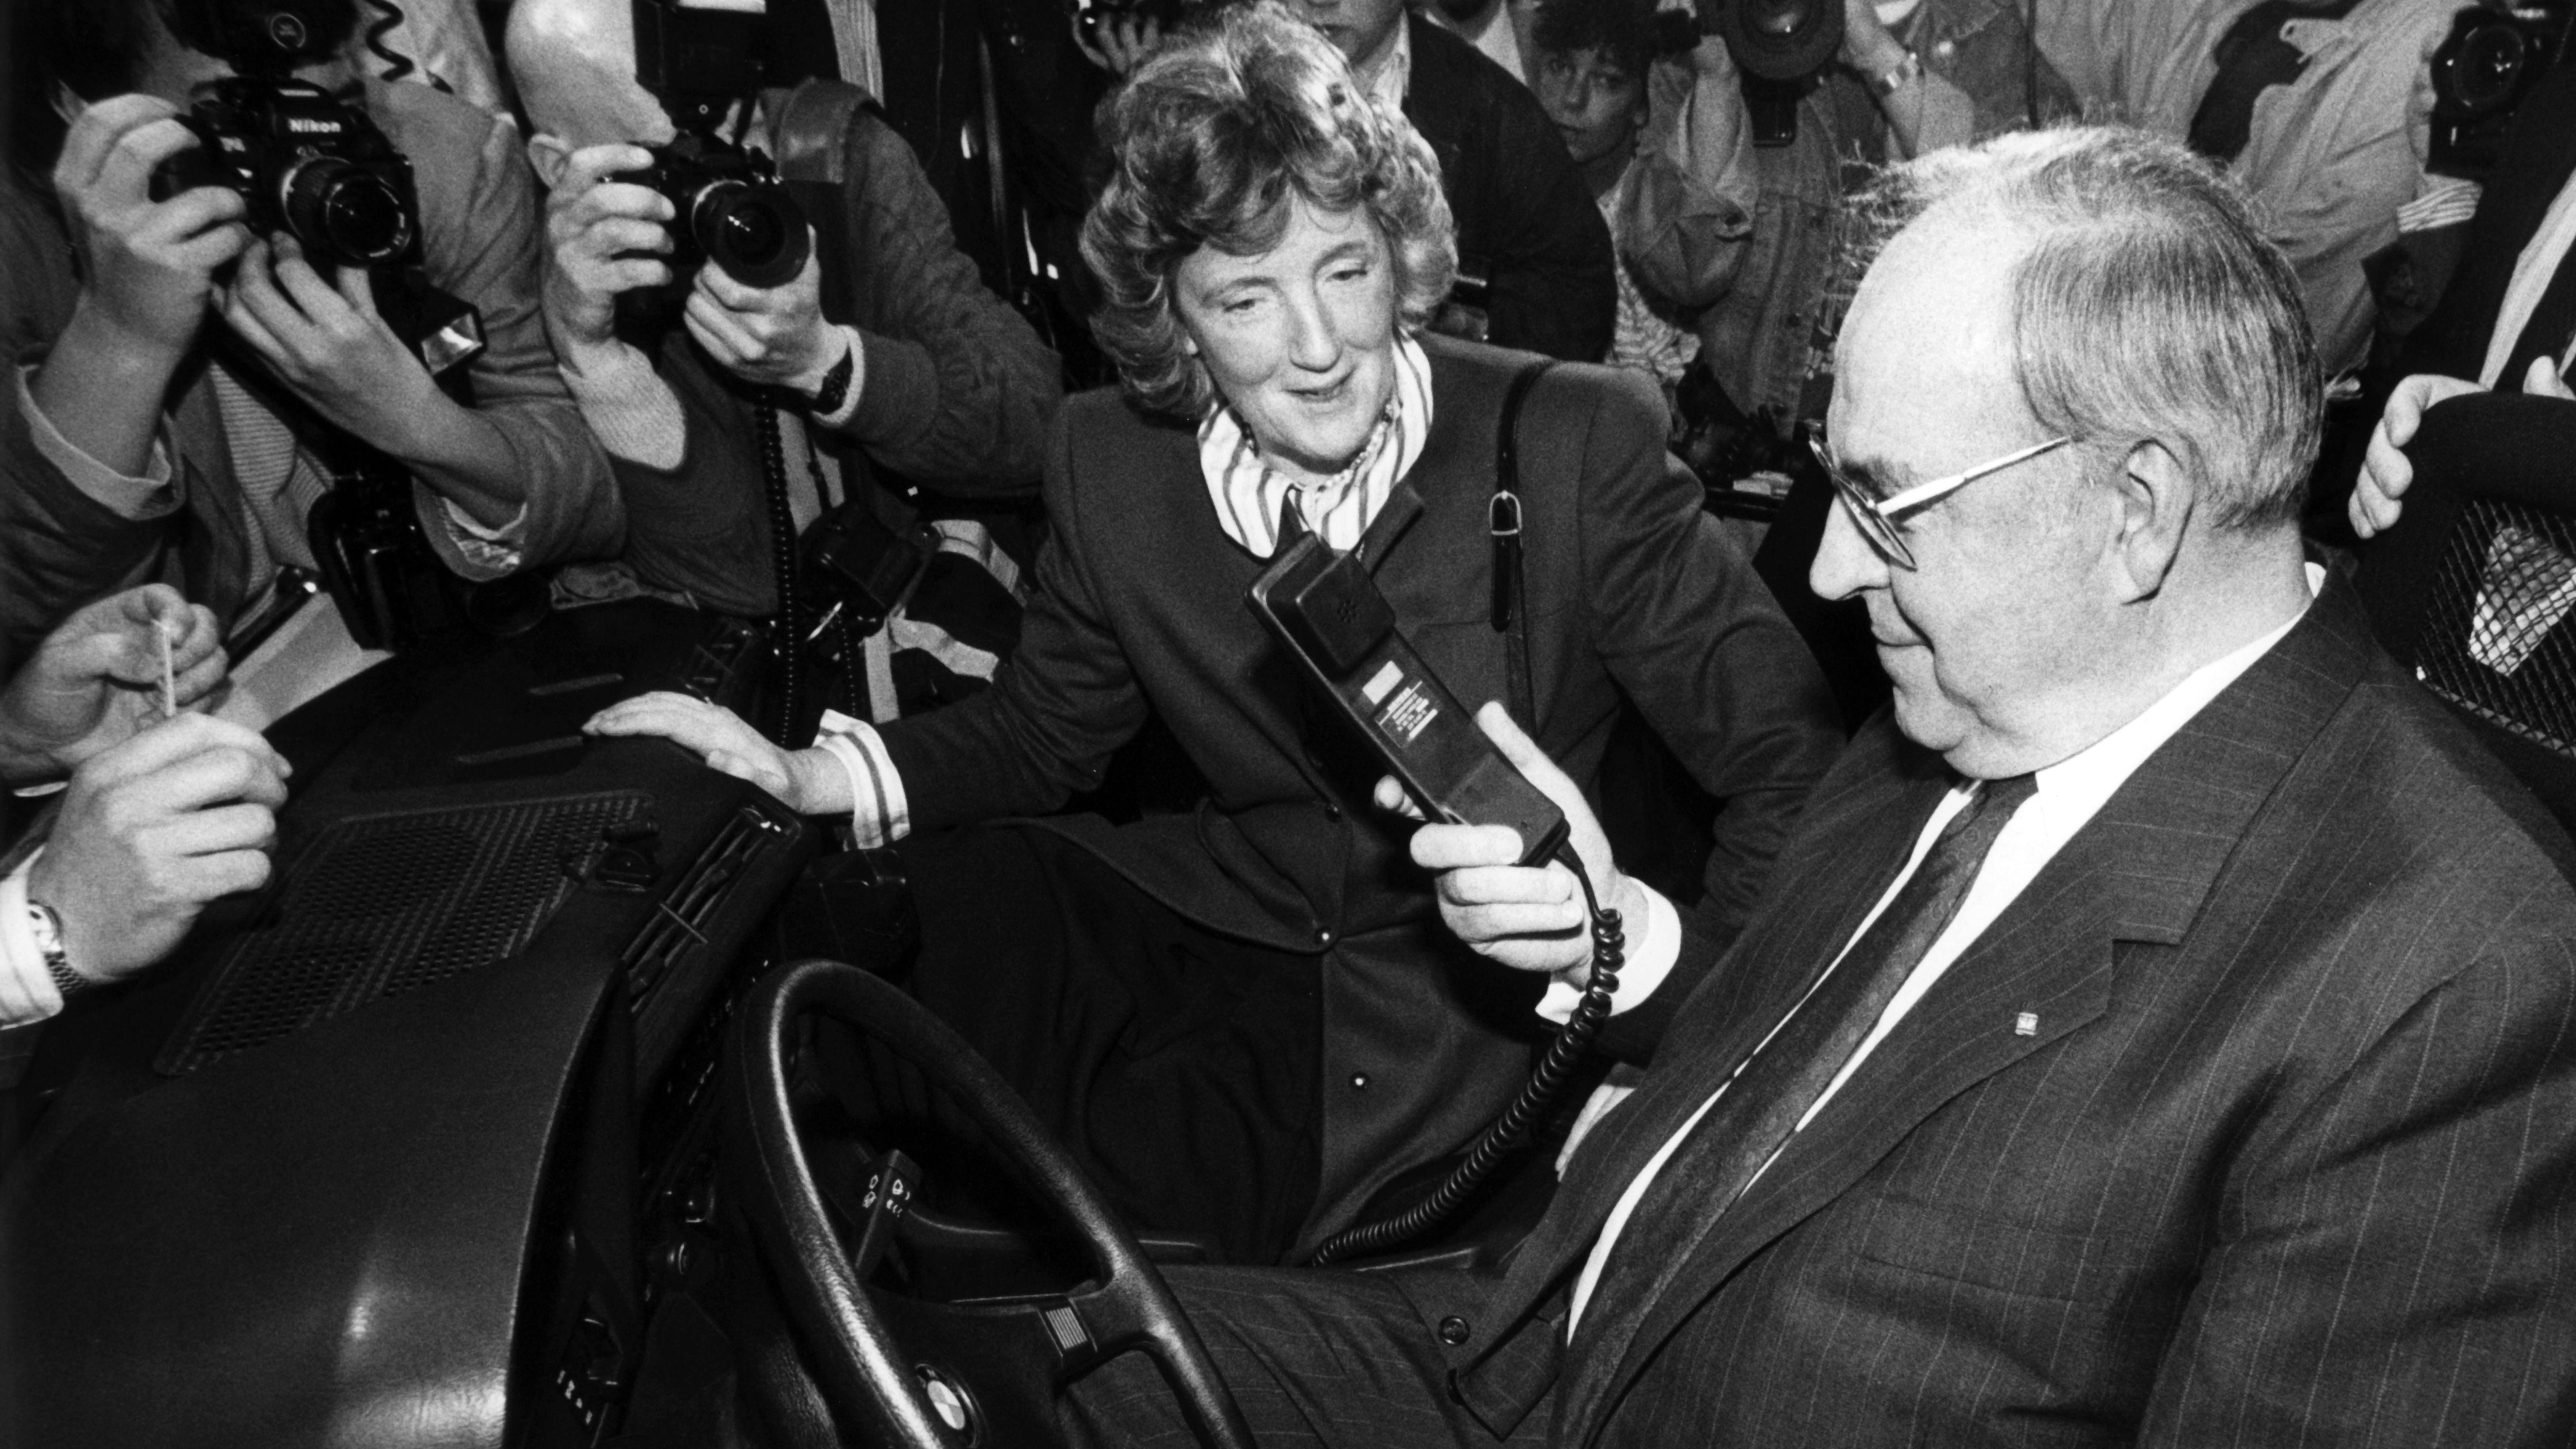 CEBIT 1989: Helmut Kohl telefoniert